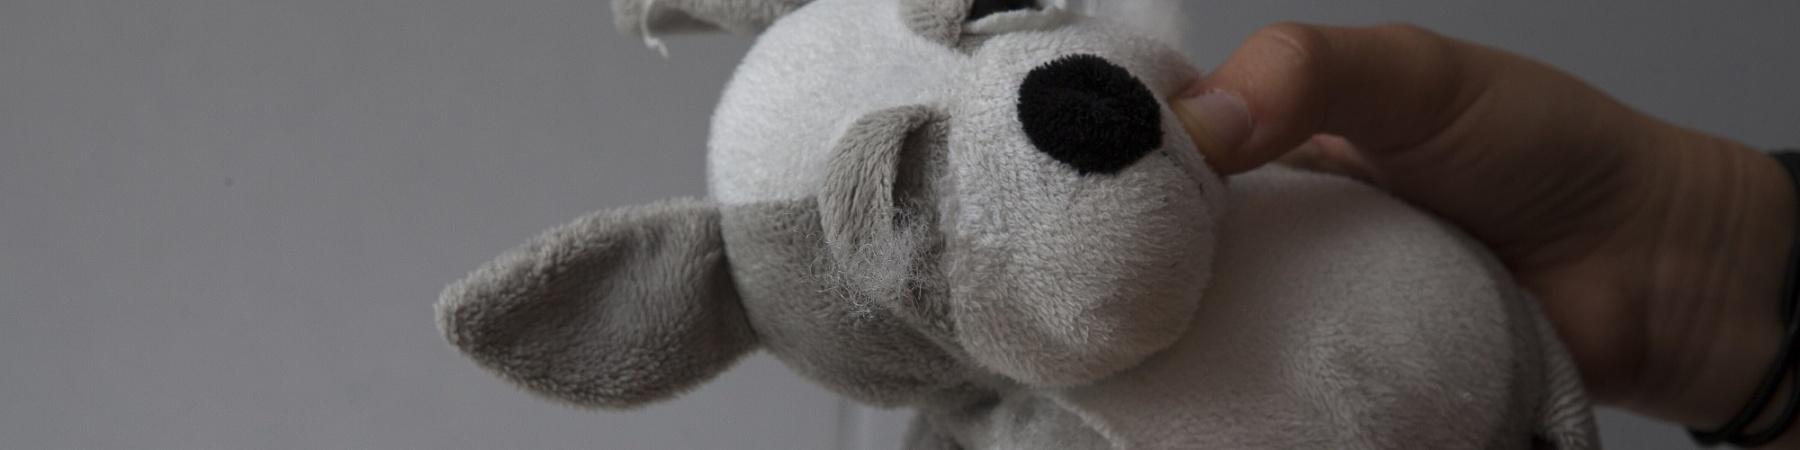 mani tengono un peluche rovinato a forma di cane